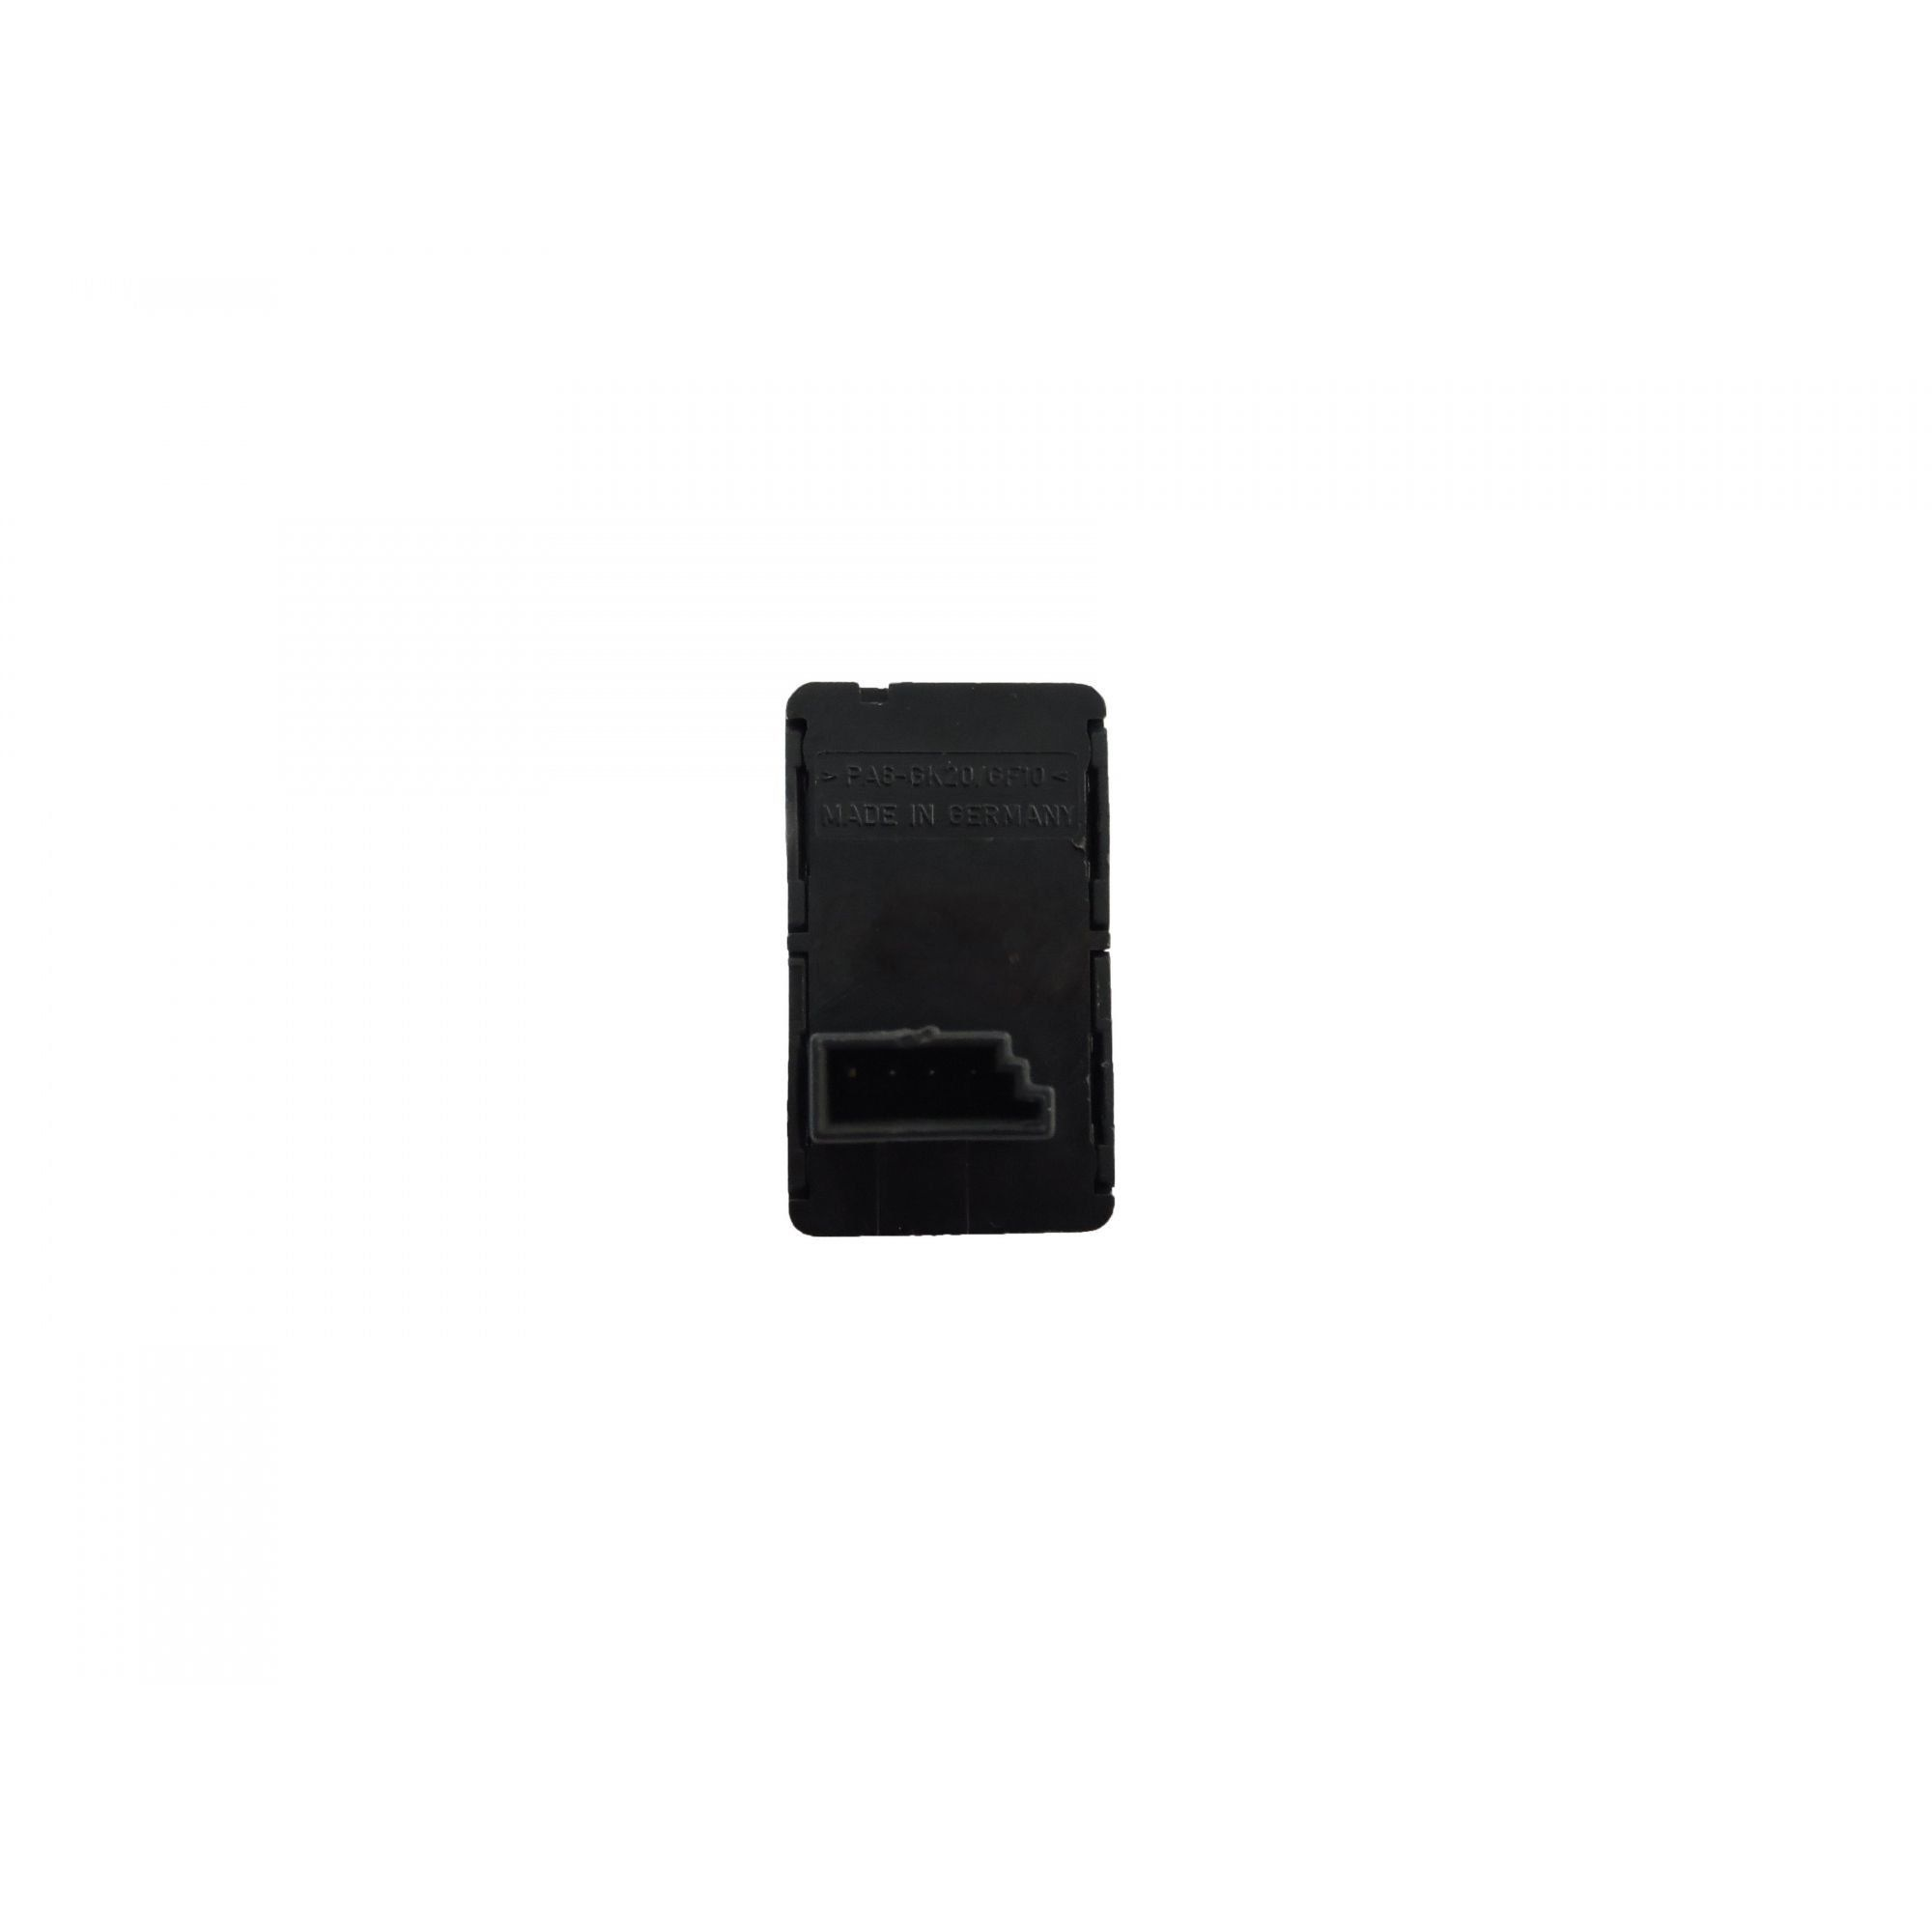 Botão Interruptor de Vidro Elétrico Traseiro 6922244 Bmw Serie 5 E60 E61 01 02 03 04 05 06 07 08 09 010